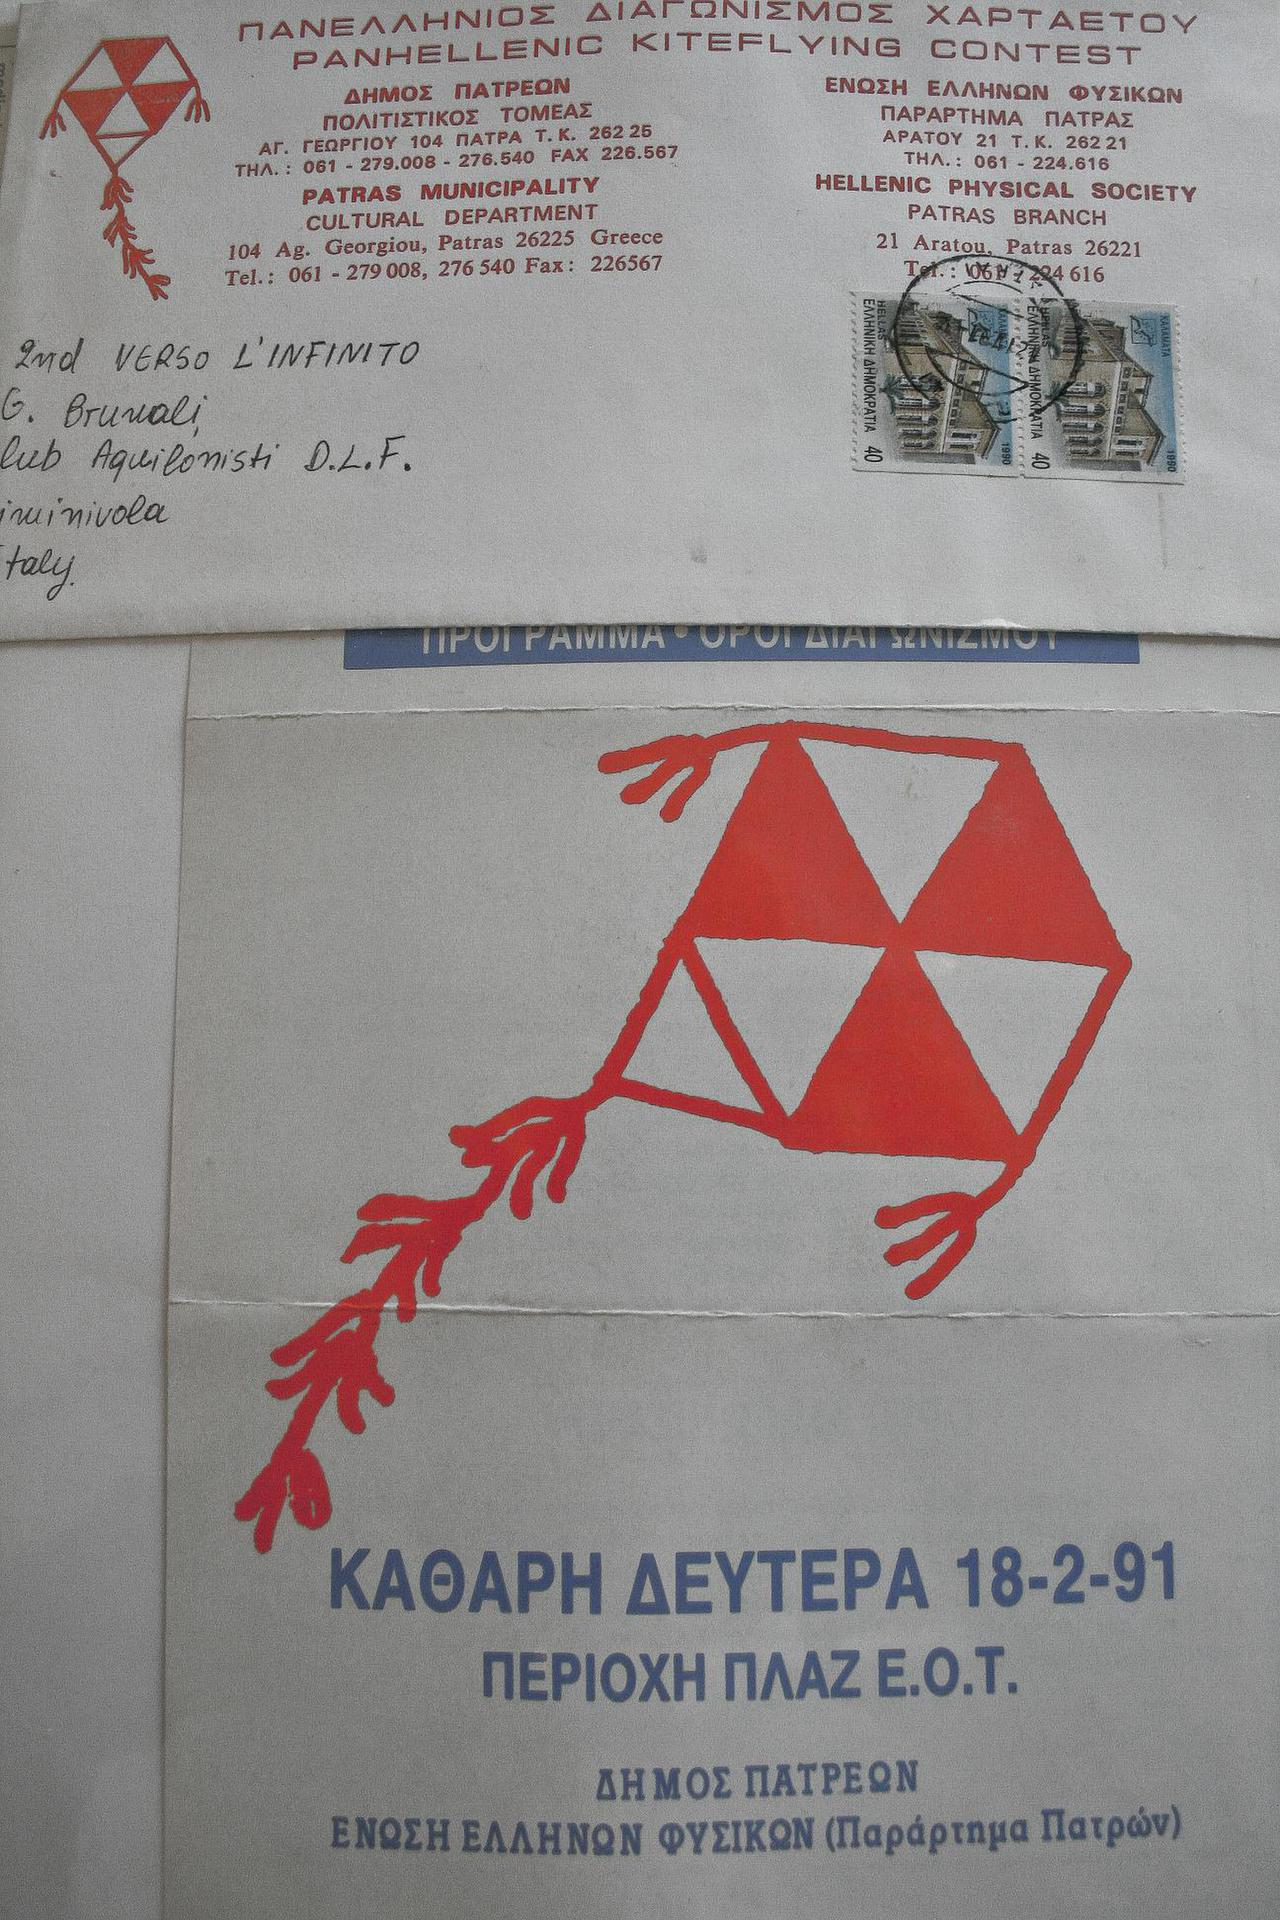 Lettera dalla Grecia